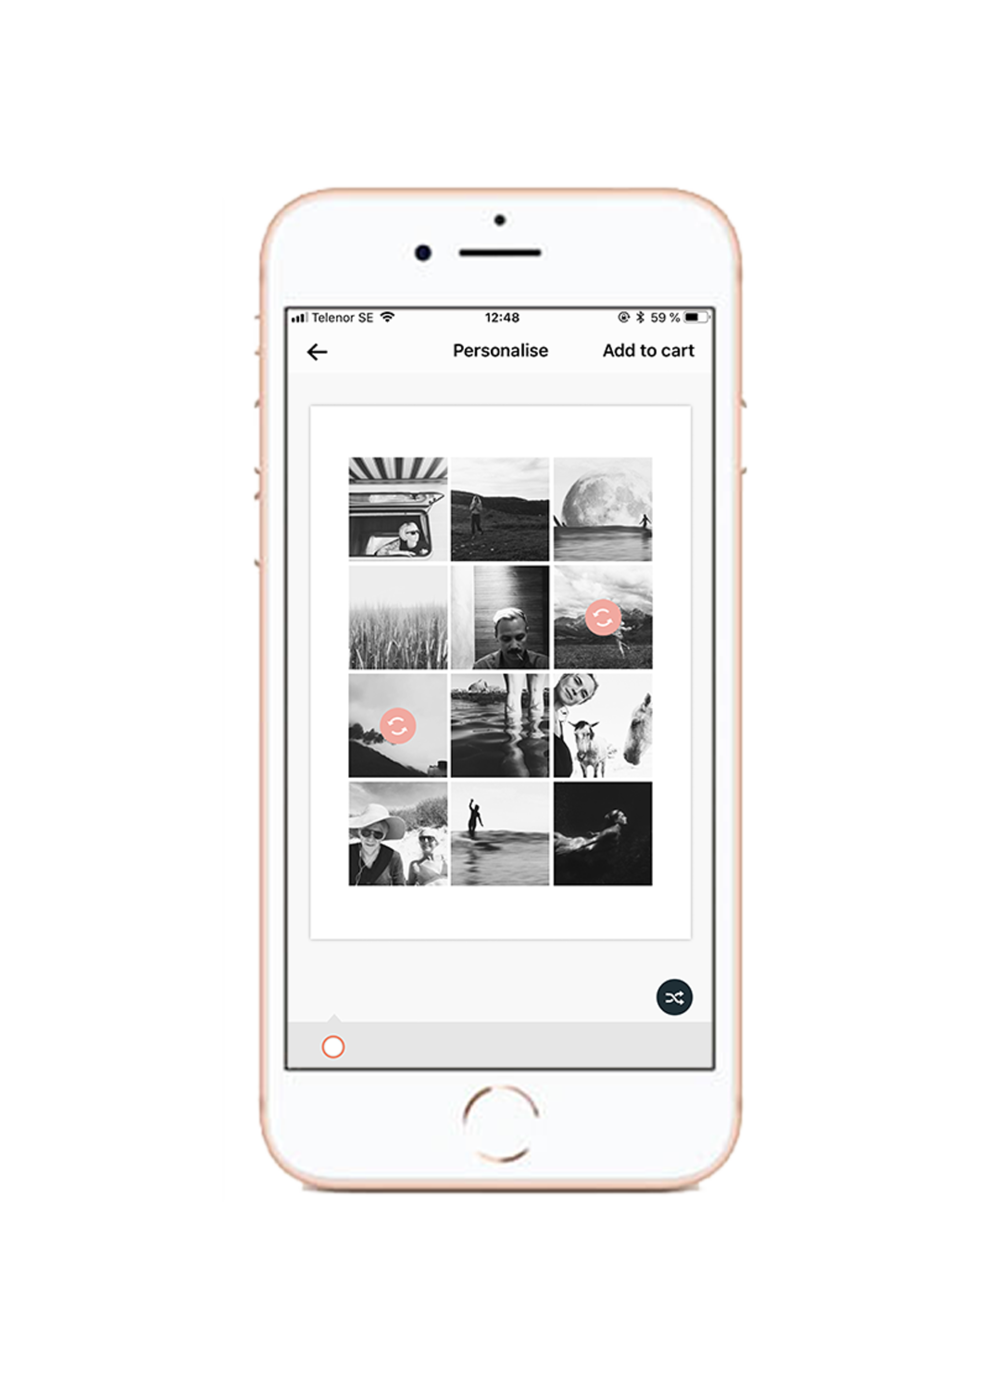 - Du kan enkelt flytta runt dina bilder påpostern för att hitta rätt komposition. Markera de två bilder du vill byta plats på så flyttar de sig automatiskt. Fortsätt flippa tills du hittar rätt komposition.